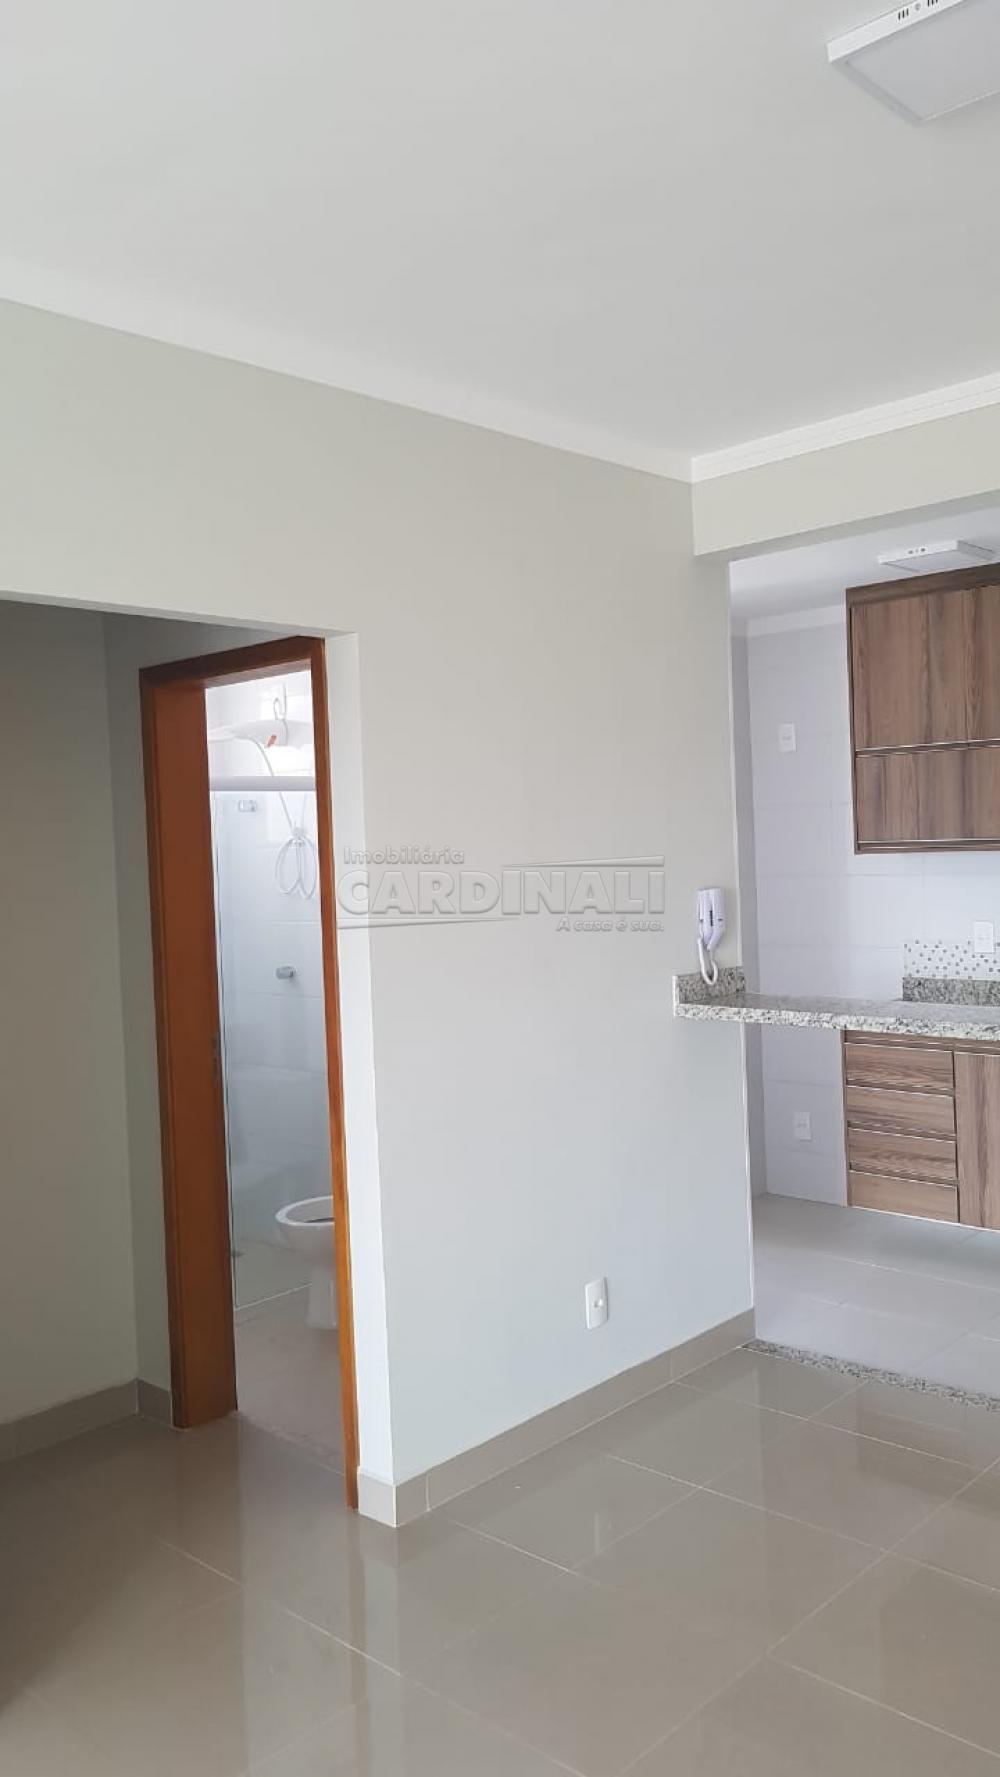 Alugar Apartamento / Padrão em São Carlos R$ 2.112,00 - Foto 11